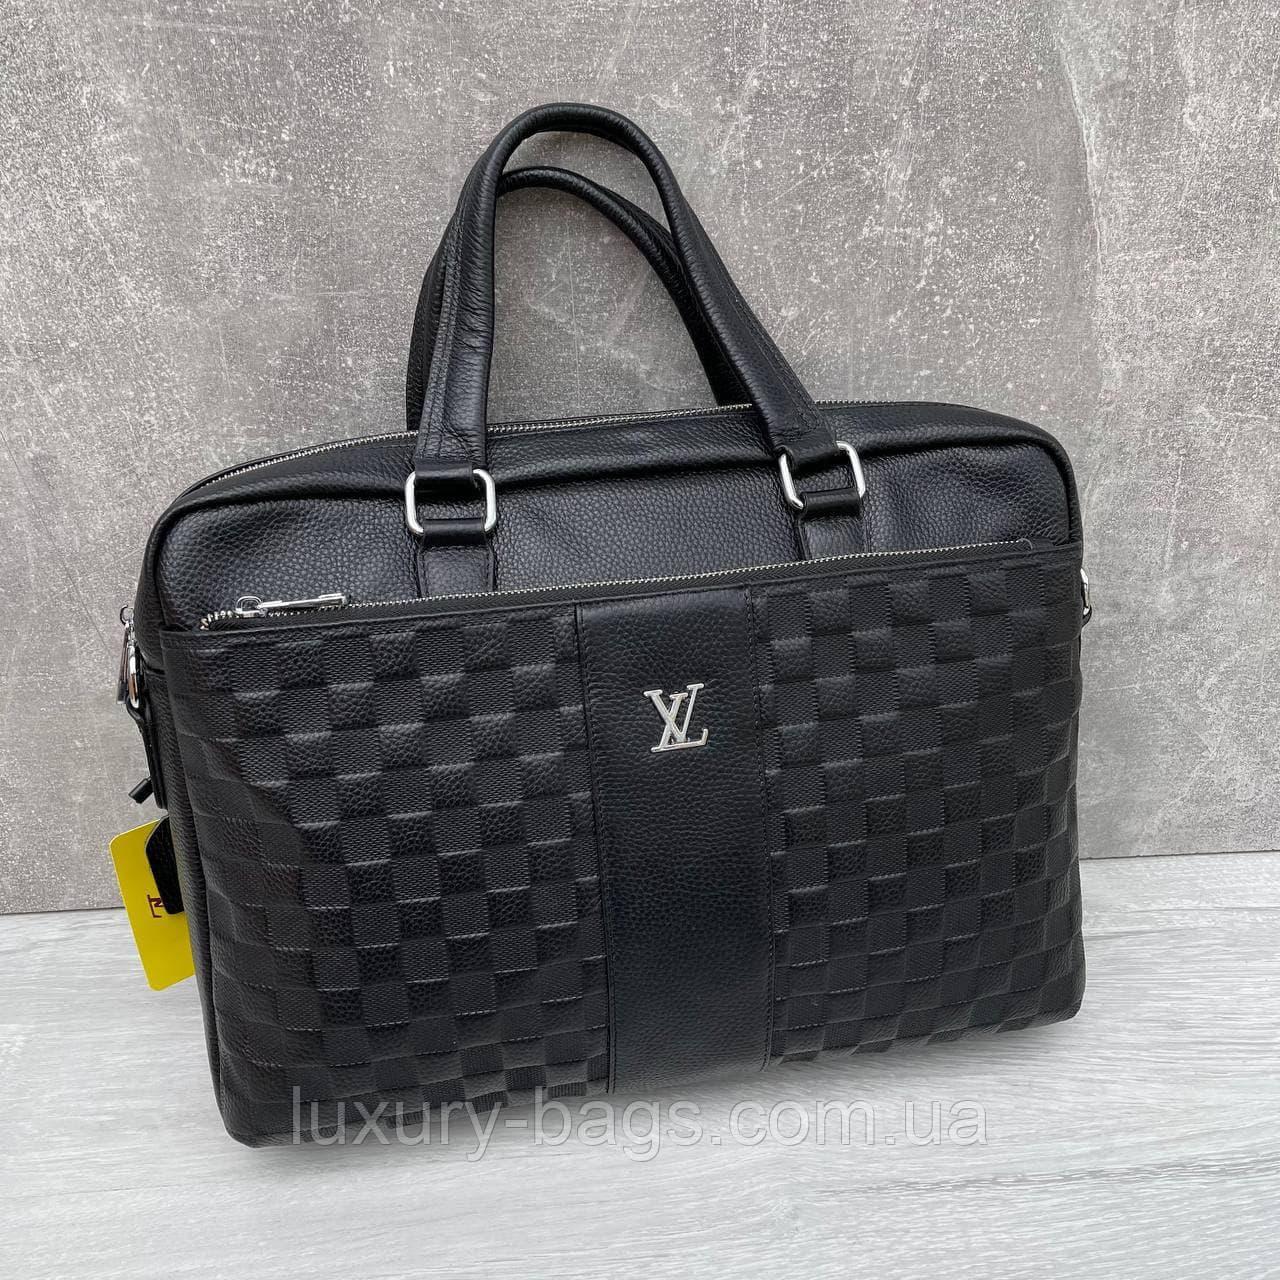 Чоловічий шкіряний портфель Louis Vuitton Луї Віттон